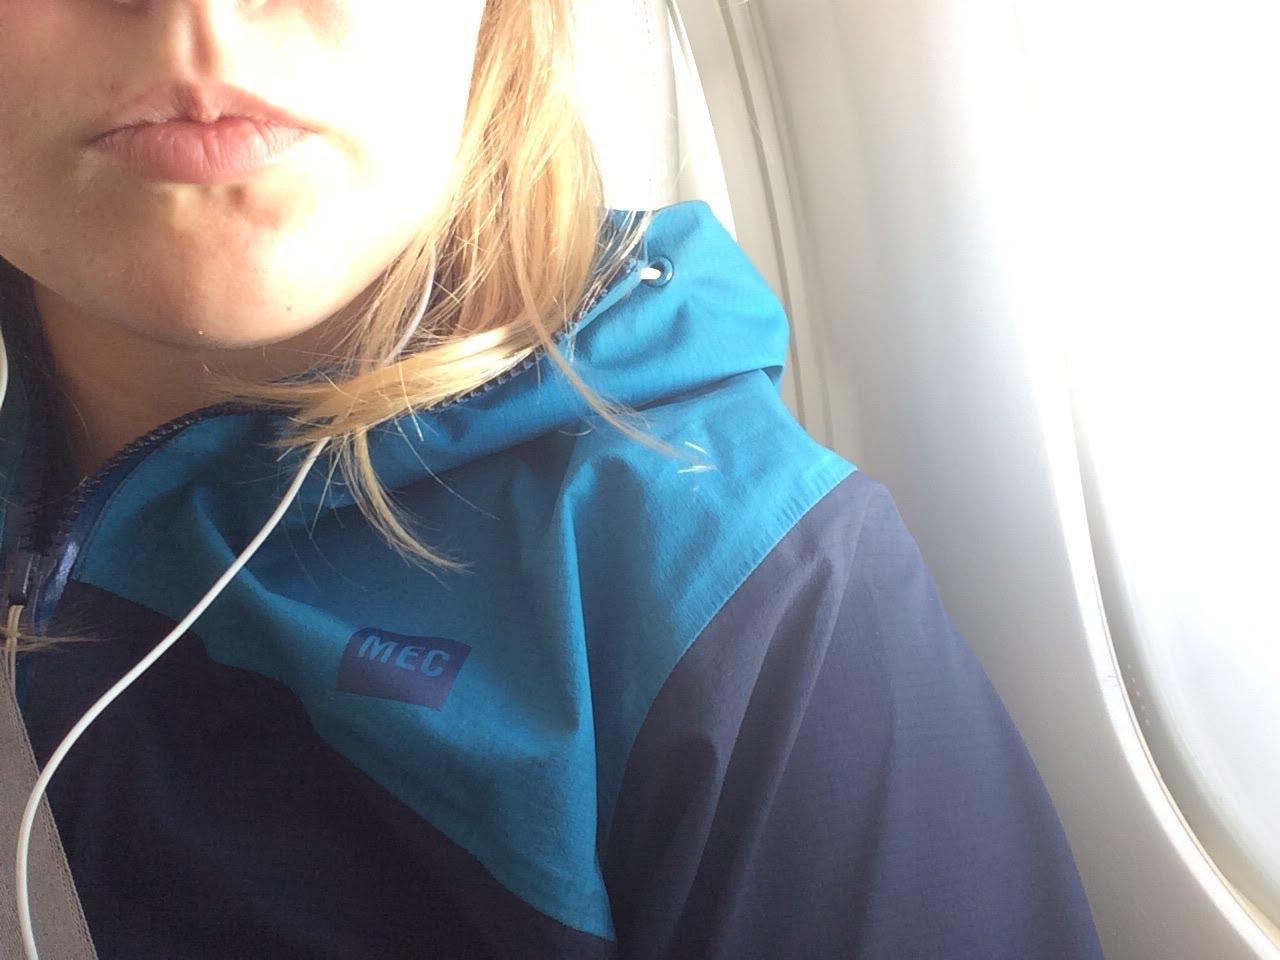 Planes. Planes. Planes.